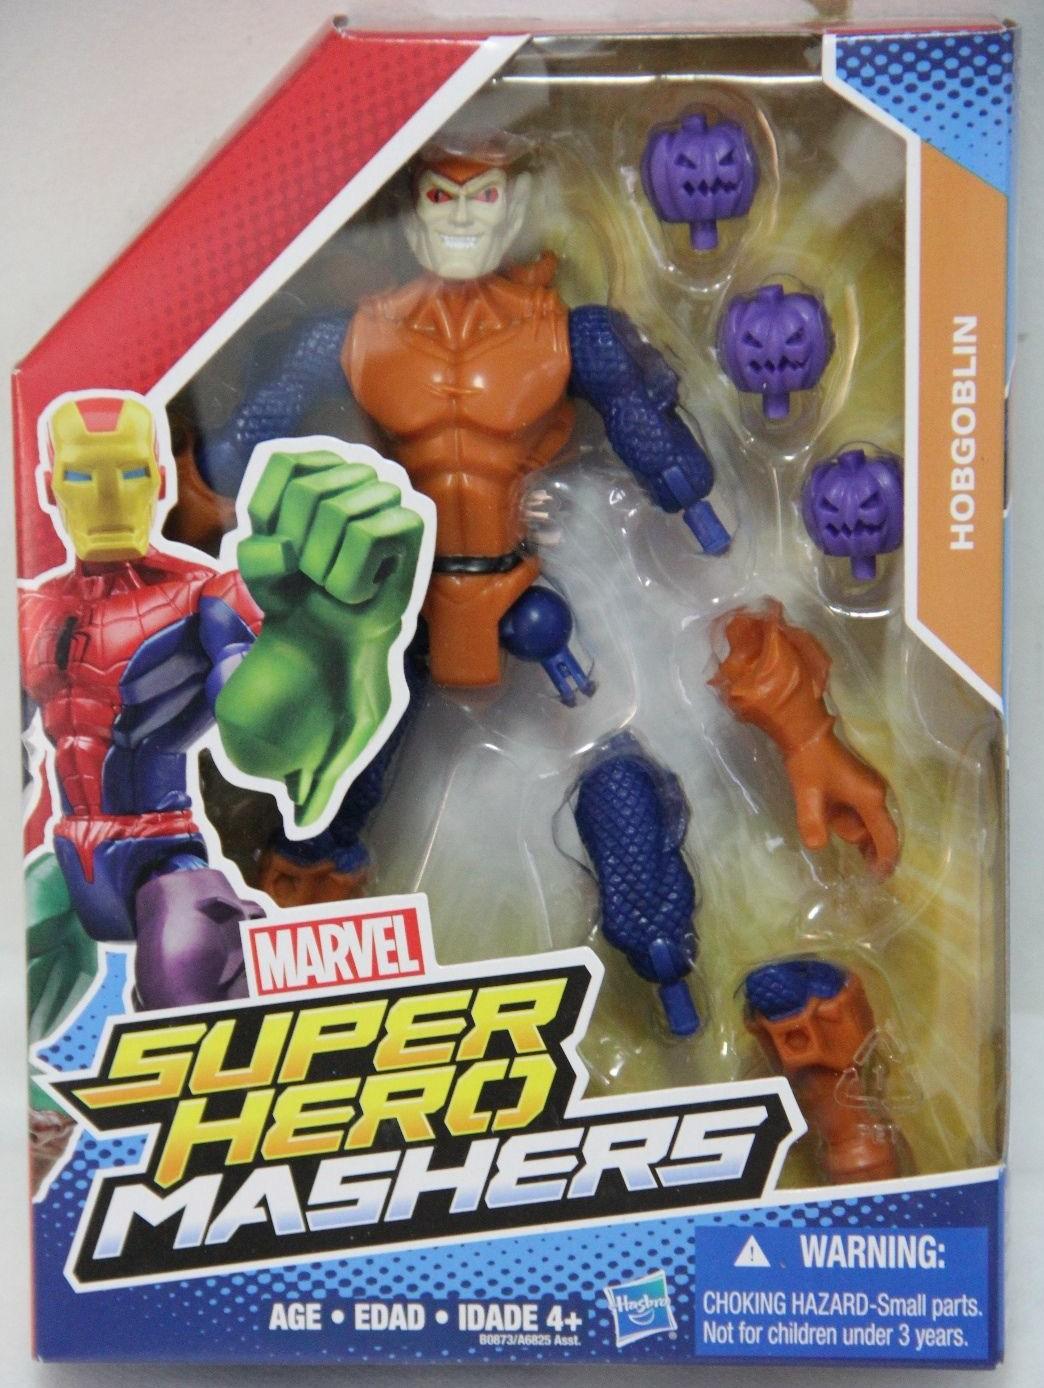 Lego Hobgoblin Marvel Marvel Mashers Hobgoblin